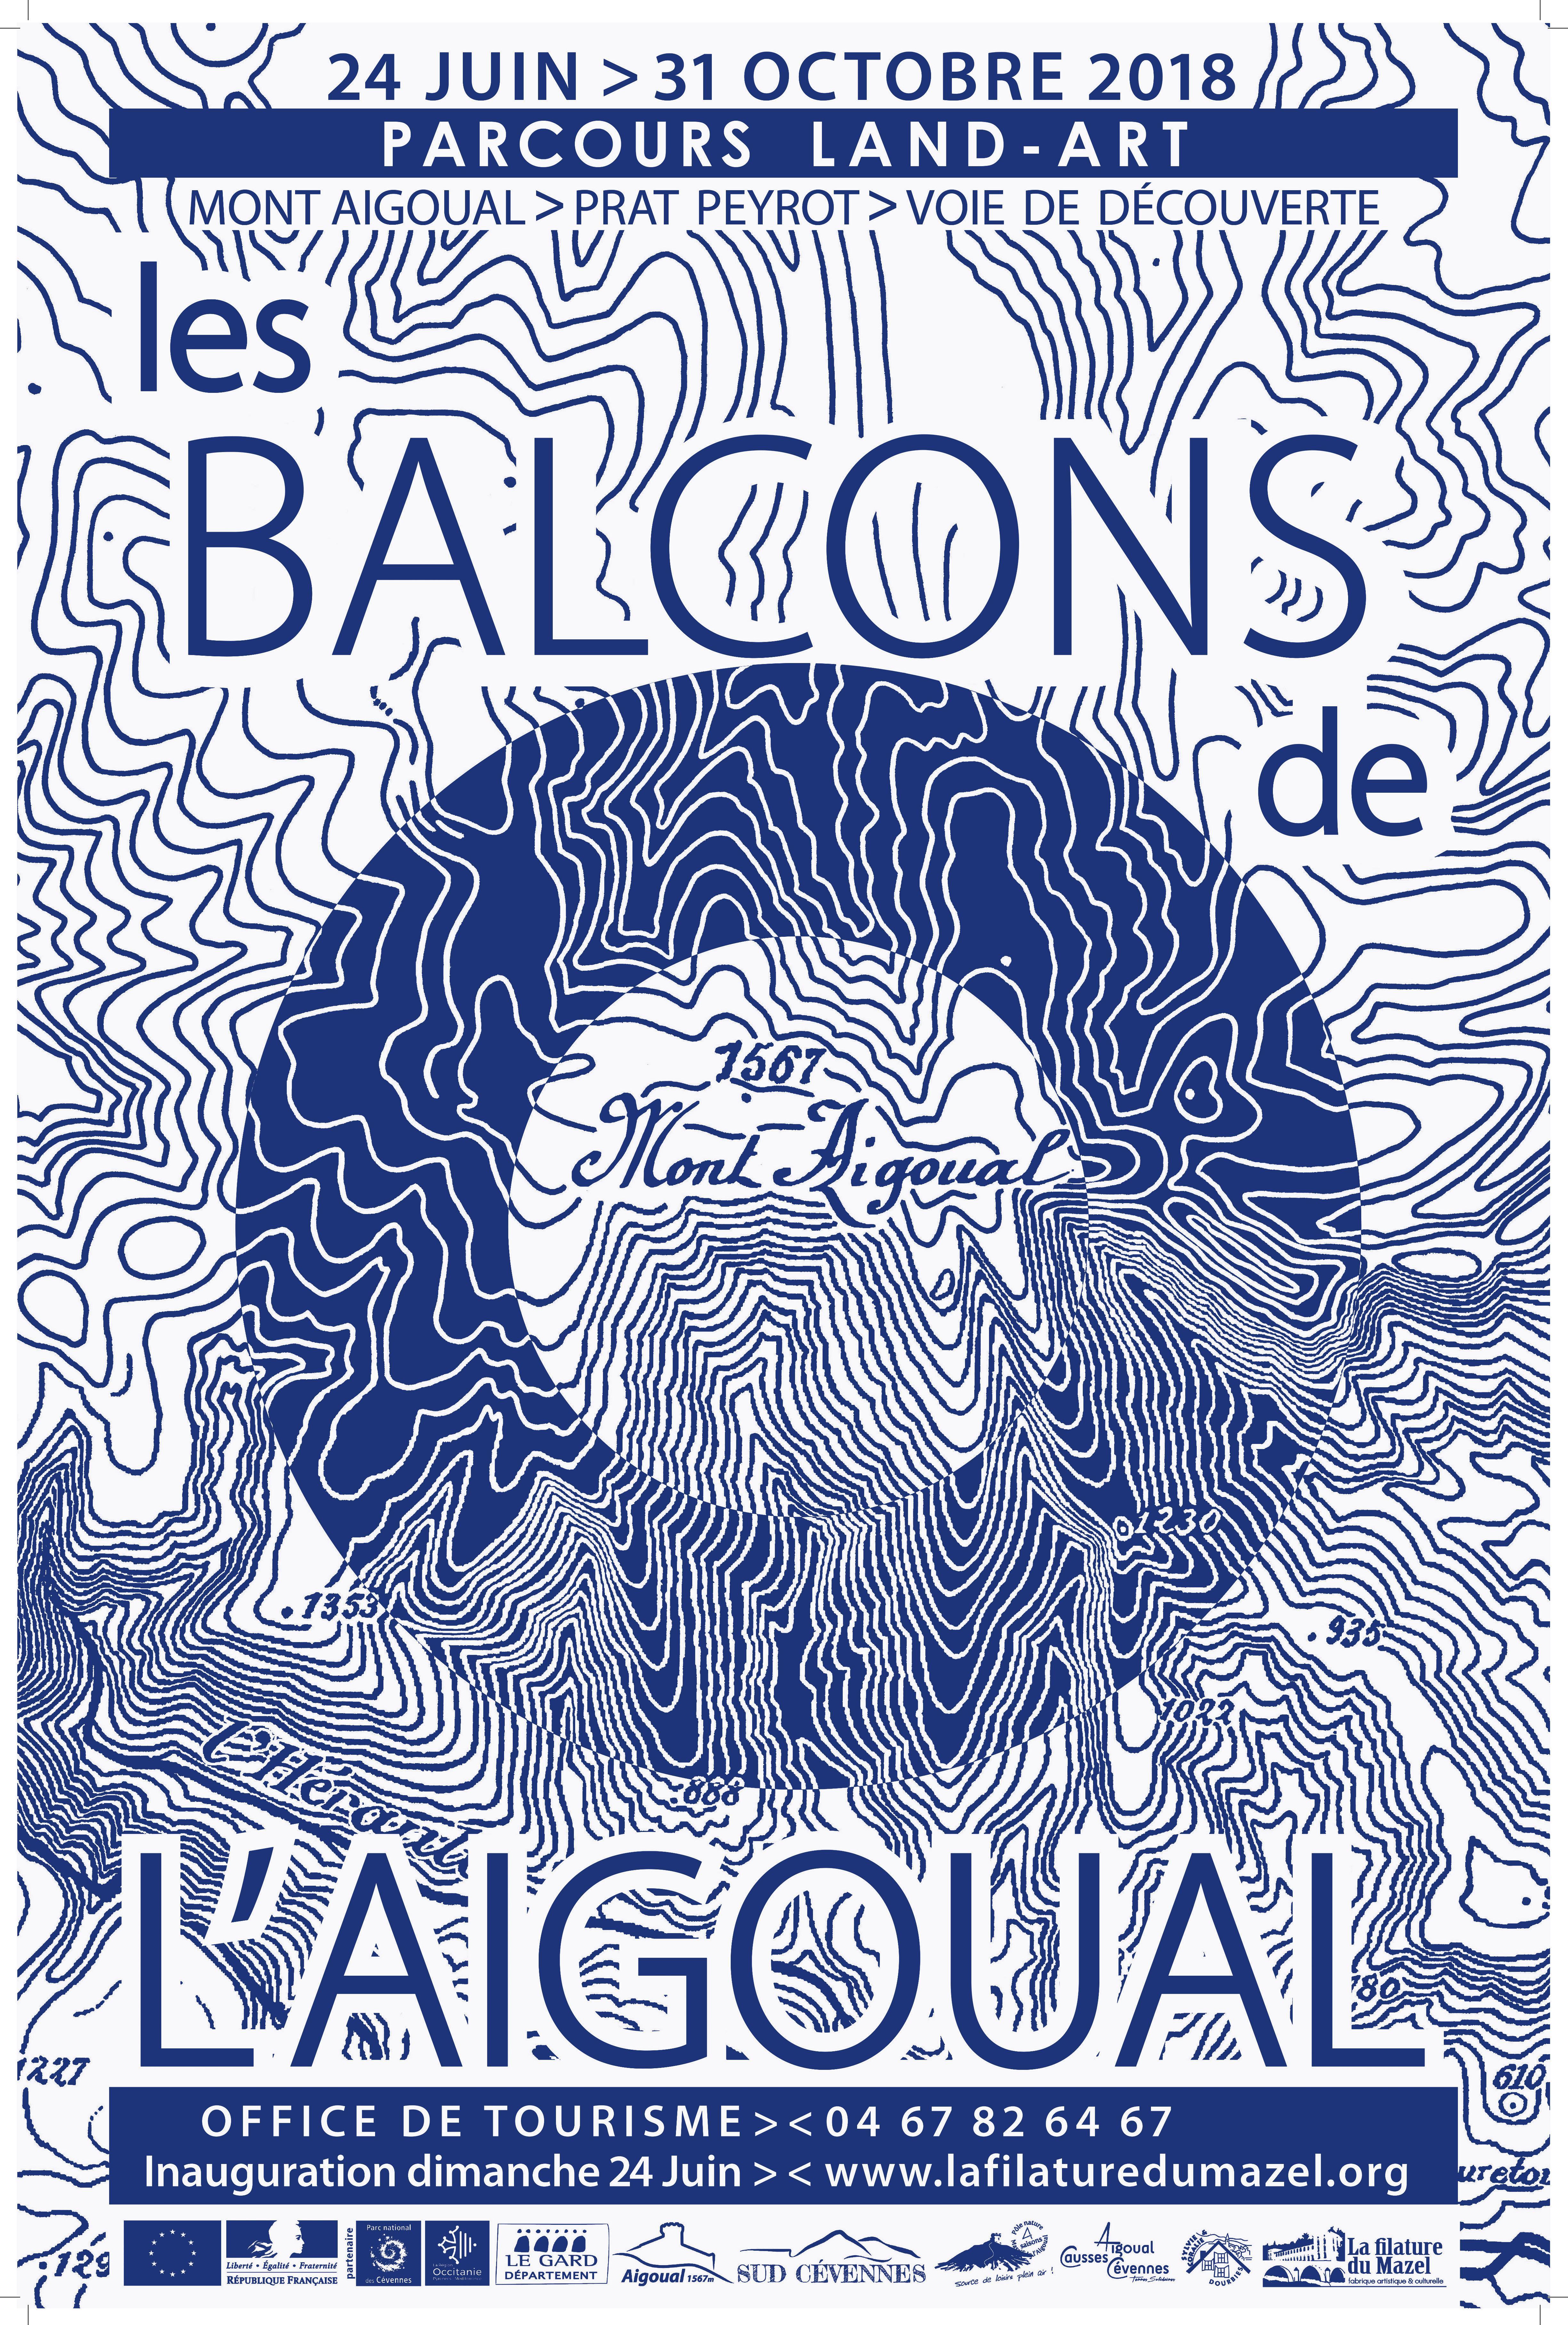 Affiche les balcons de l'Aigoual - Édition 2018